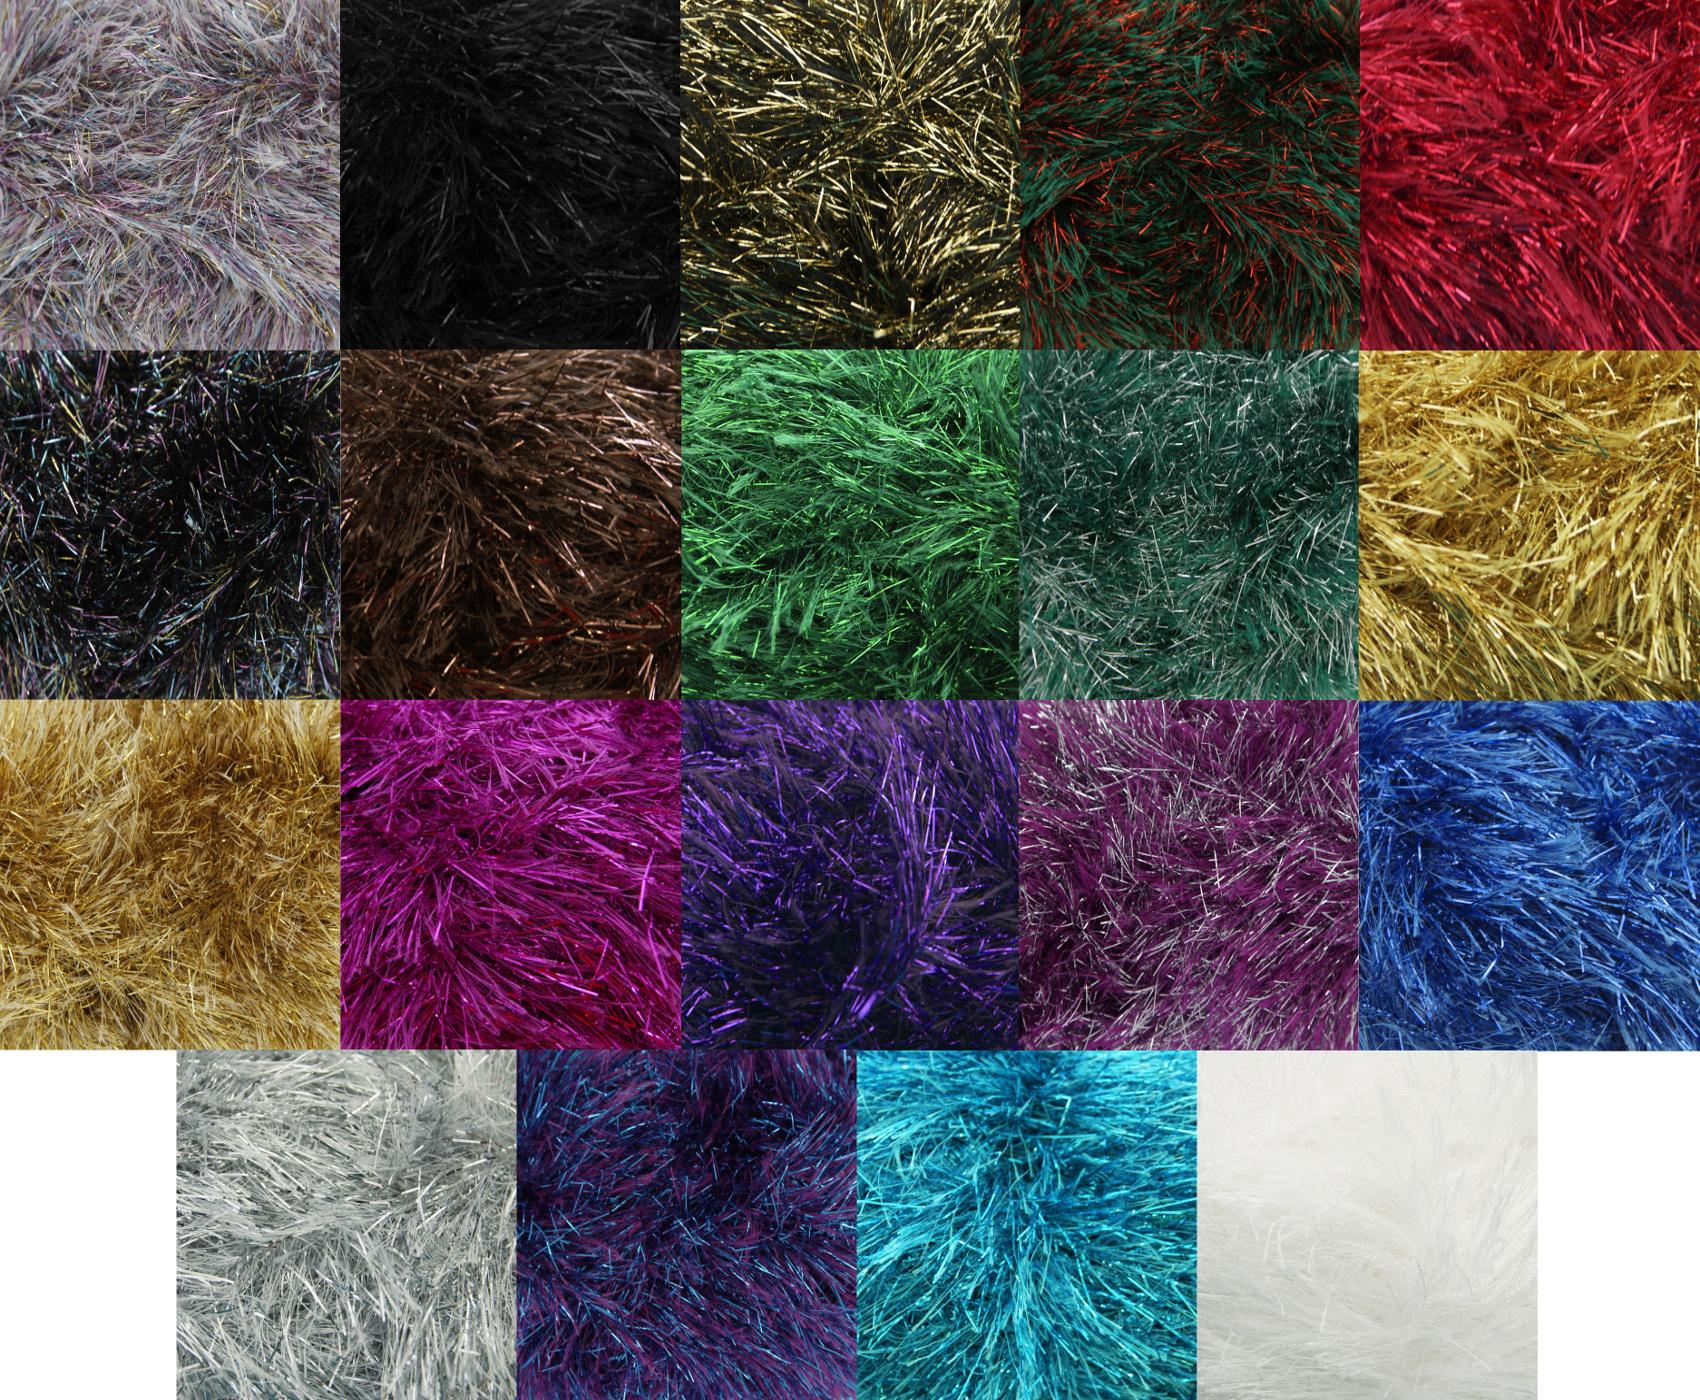 Chunky Knitting Wool Uk : Chunky yarn knitting patterns uk sweater vest